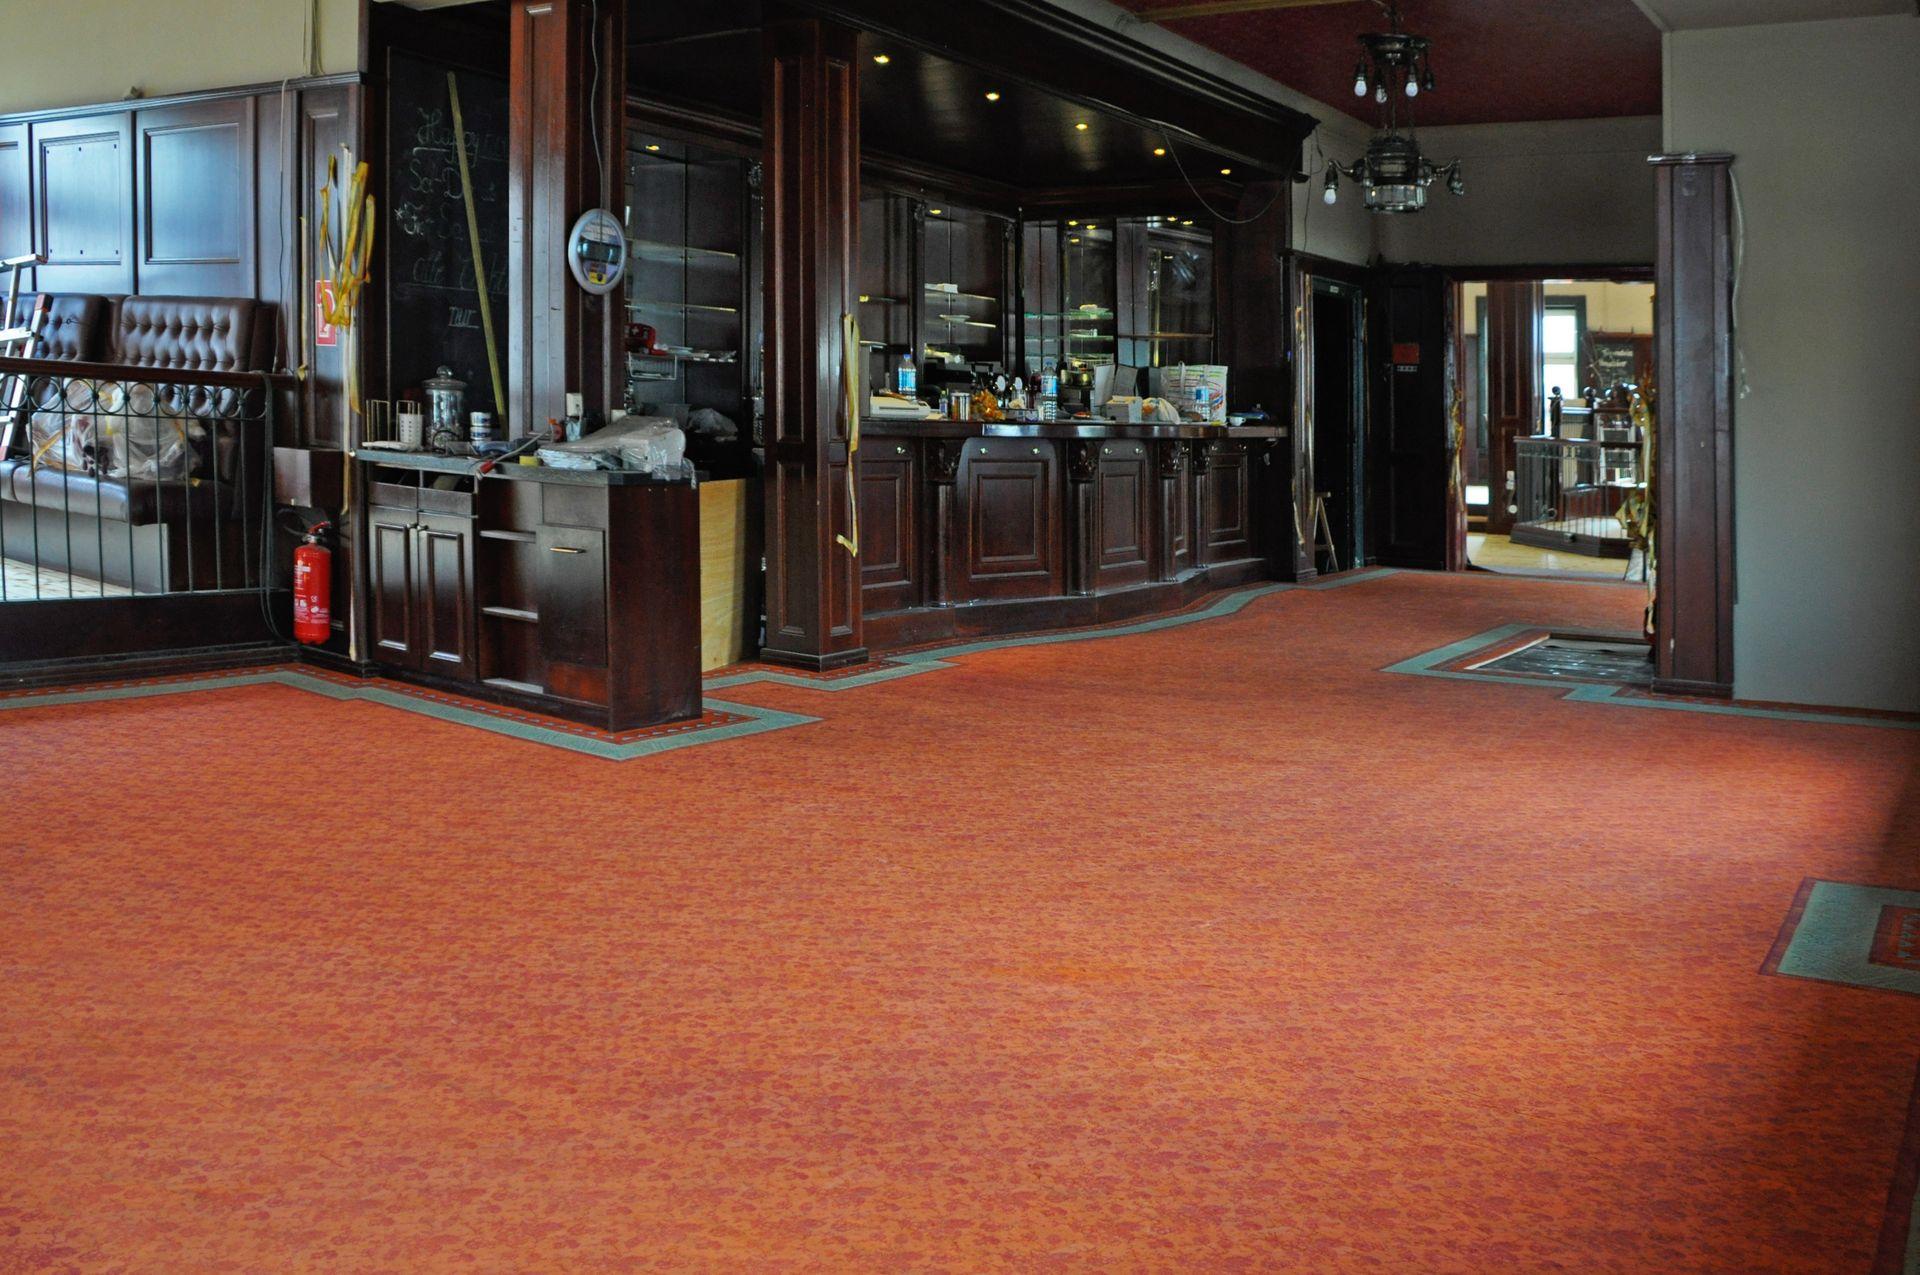 Fußbodenbemalung in Teppichanmutung im Restaurant Maharaja am Neuen Pferdemarkt